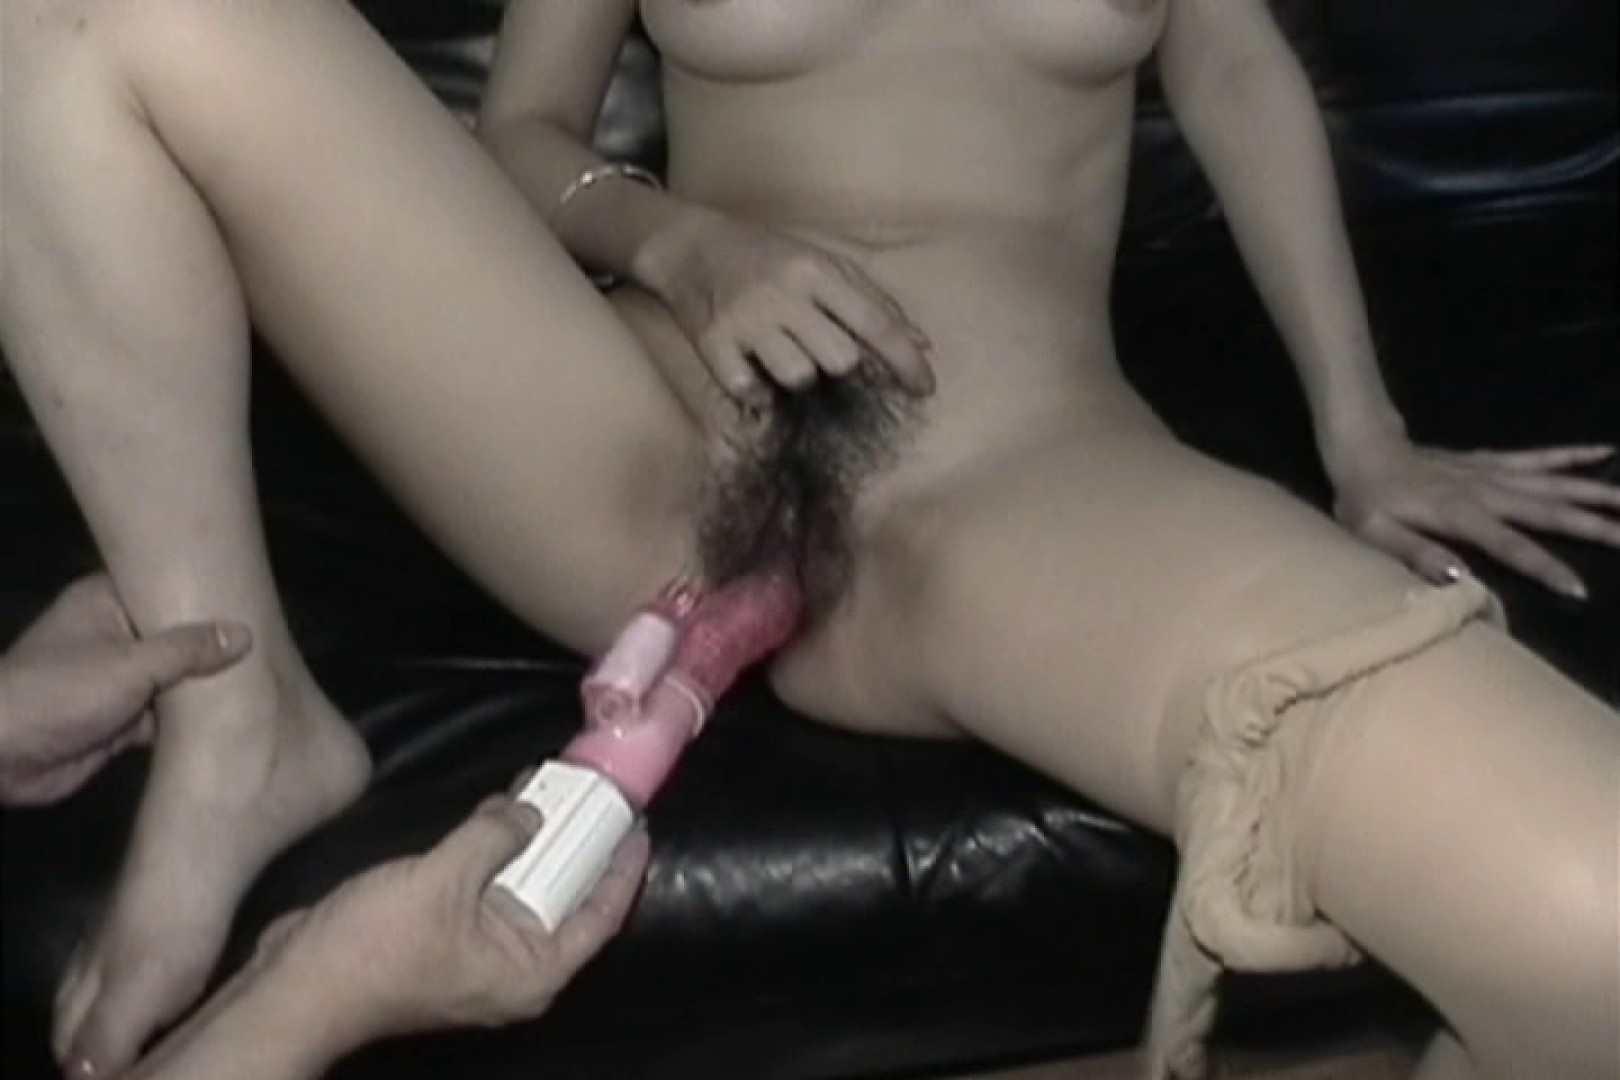 形の良いお椀型の美乳熟女とSEX~川島みさき~ クンニ ワレメ無修正動画無料 97pic 83